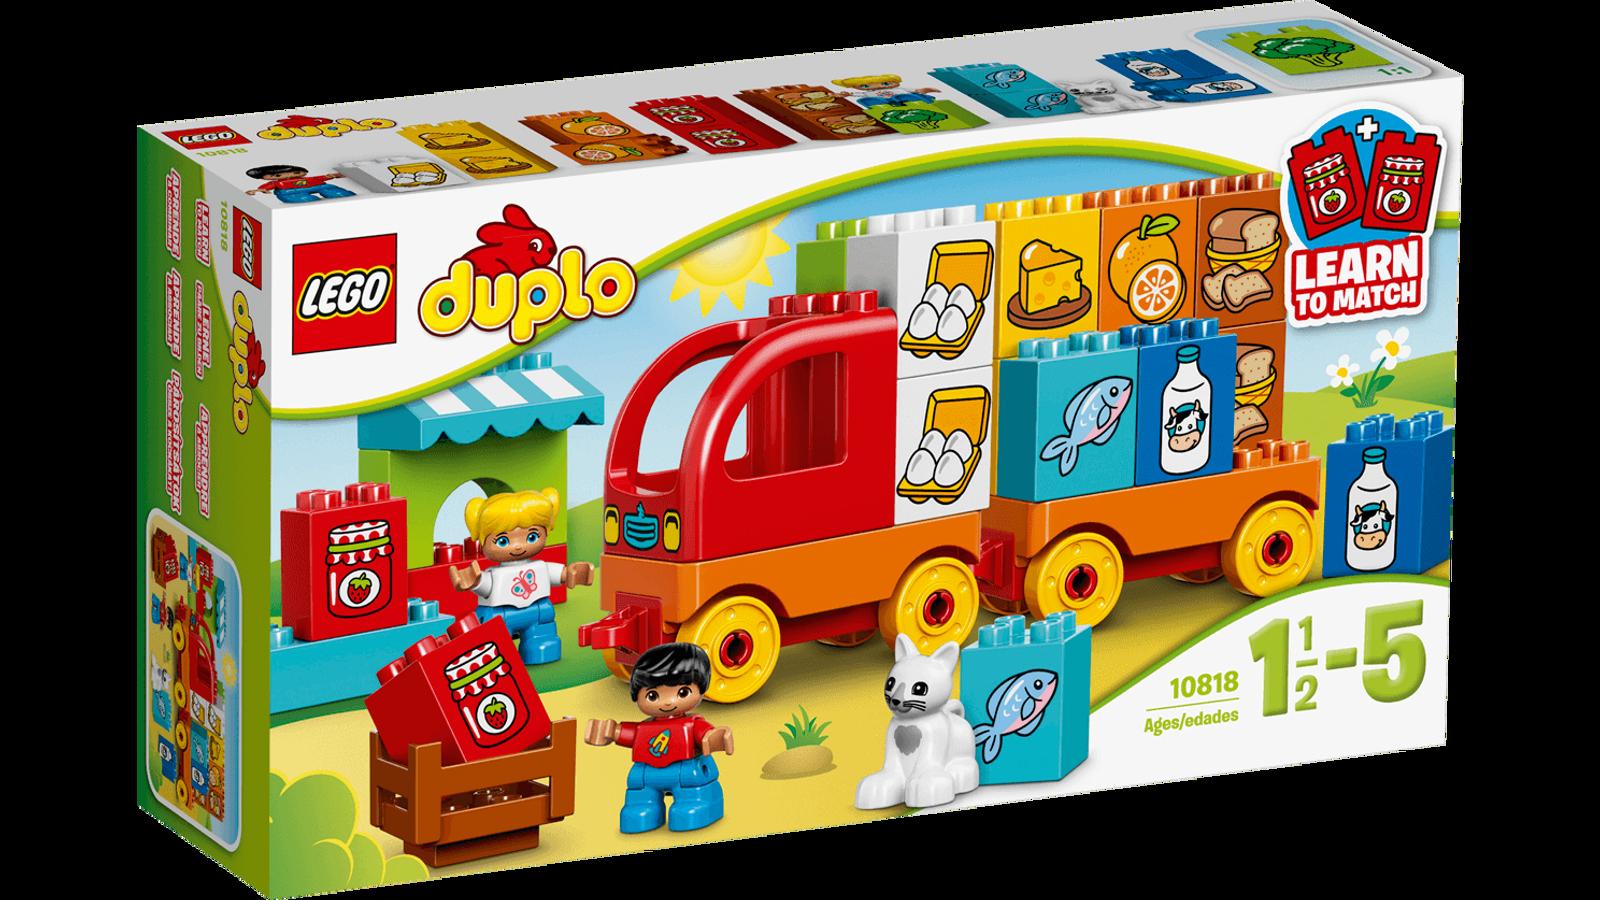 Đồ Chơi Xếp Hình Lego Duplo 10818 - Xe Tải Đầu Tiên Của Bé